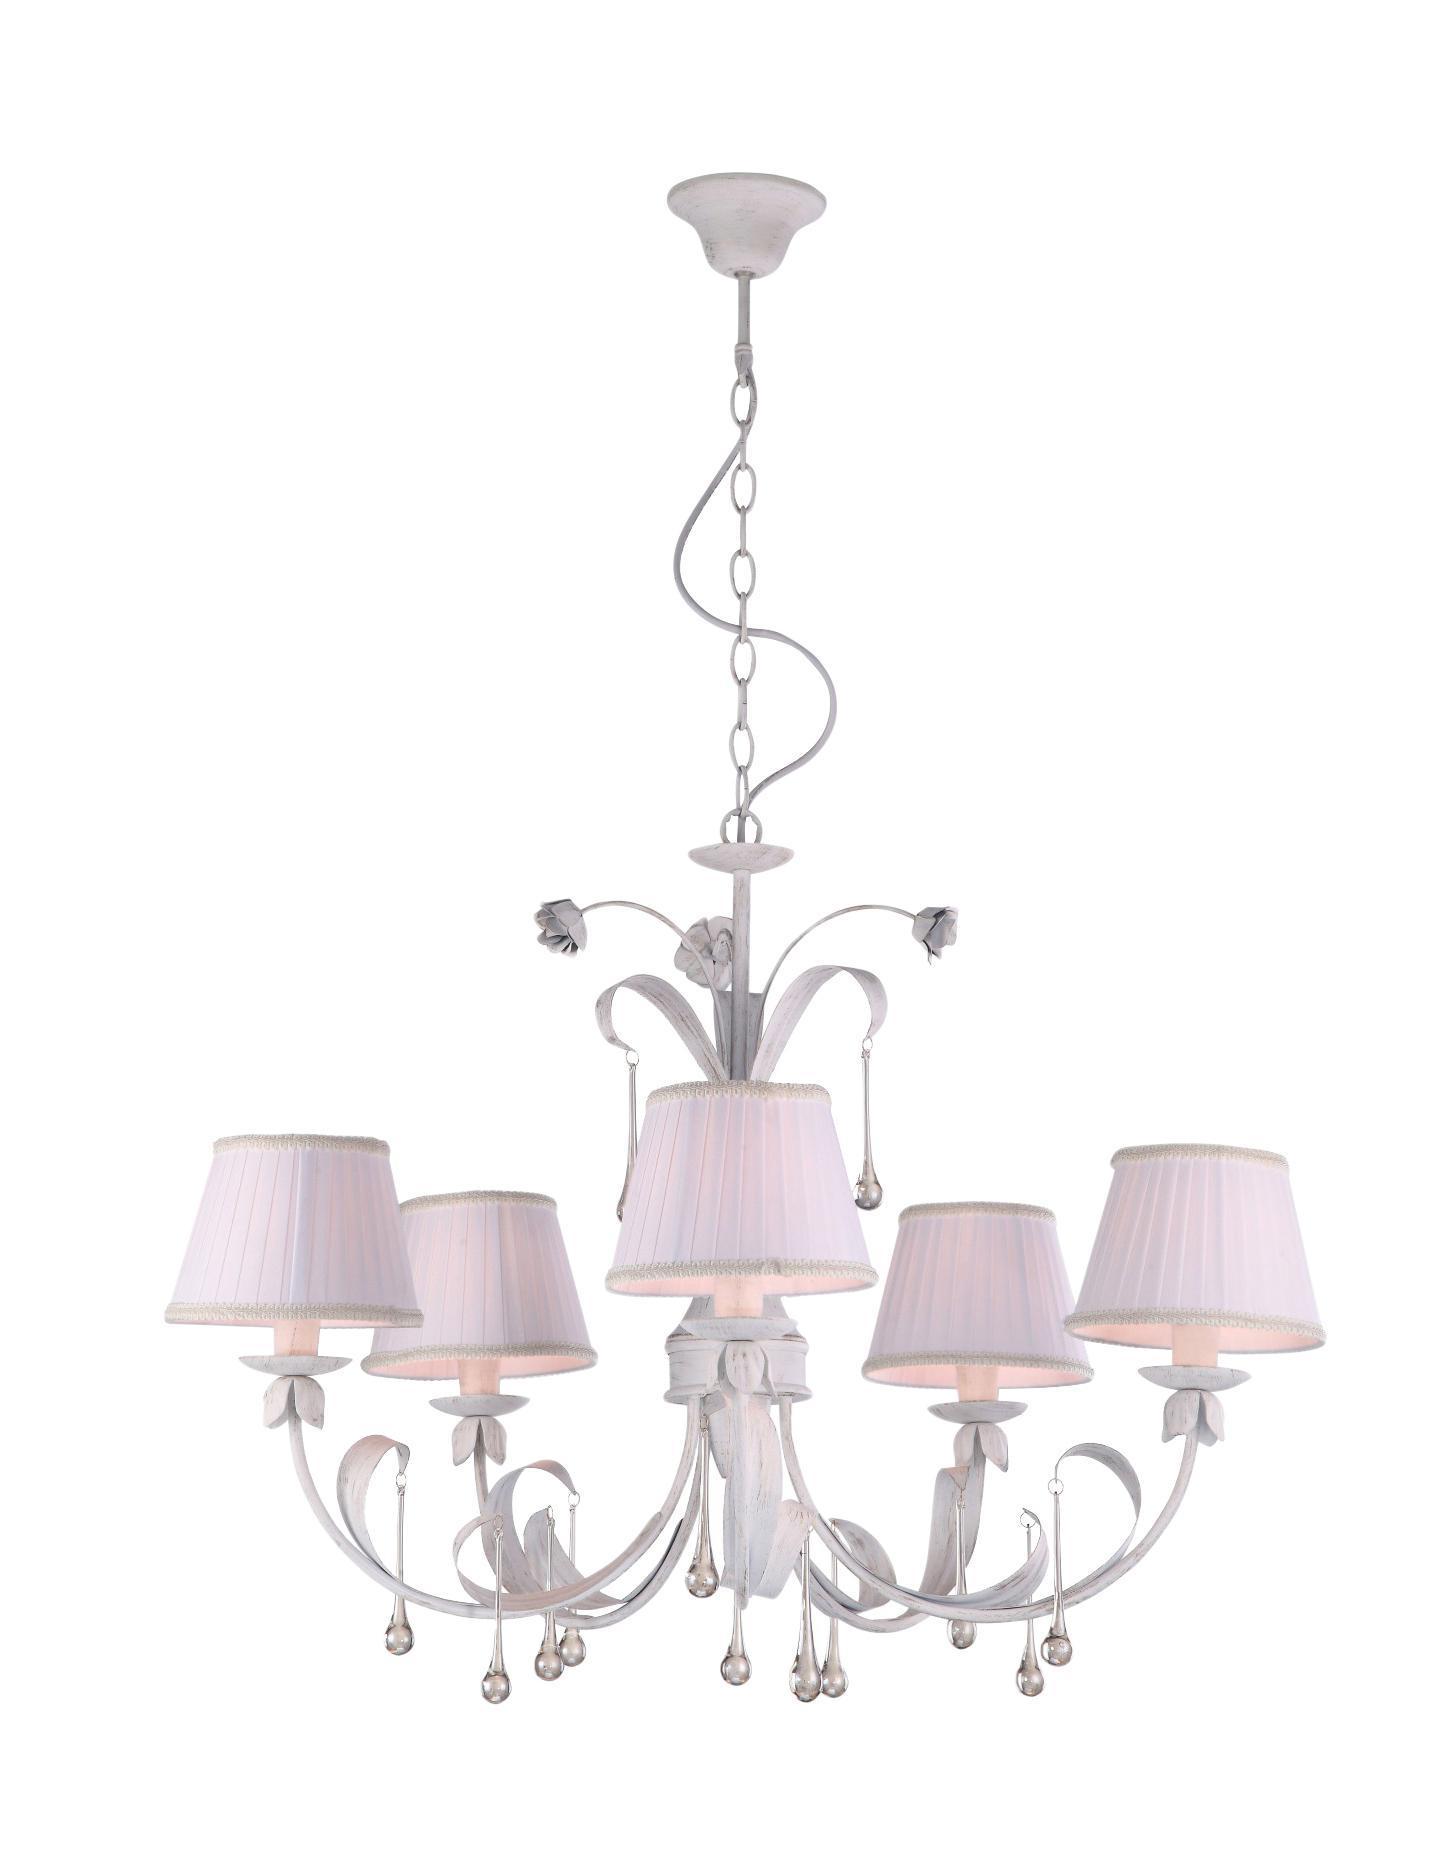 Люстра Arte lampЛюстры<br>Назначение светильника: для гостиной,<br>Стиль светильника: флористика,<br>Тип: подвесная,<br>Материал светильника: металл, стекло,<br>Материал плафона: ткань,<br>Материал арматуры: металл,<br>Диаметр: 840,<br>Высота: 660,<br>Количество ламп: 5,<br>Тип лампы: накаливания,<br>Мощность: 200,<br>Патрон: Е14,<br>Цвет арматуры: белый<br>